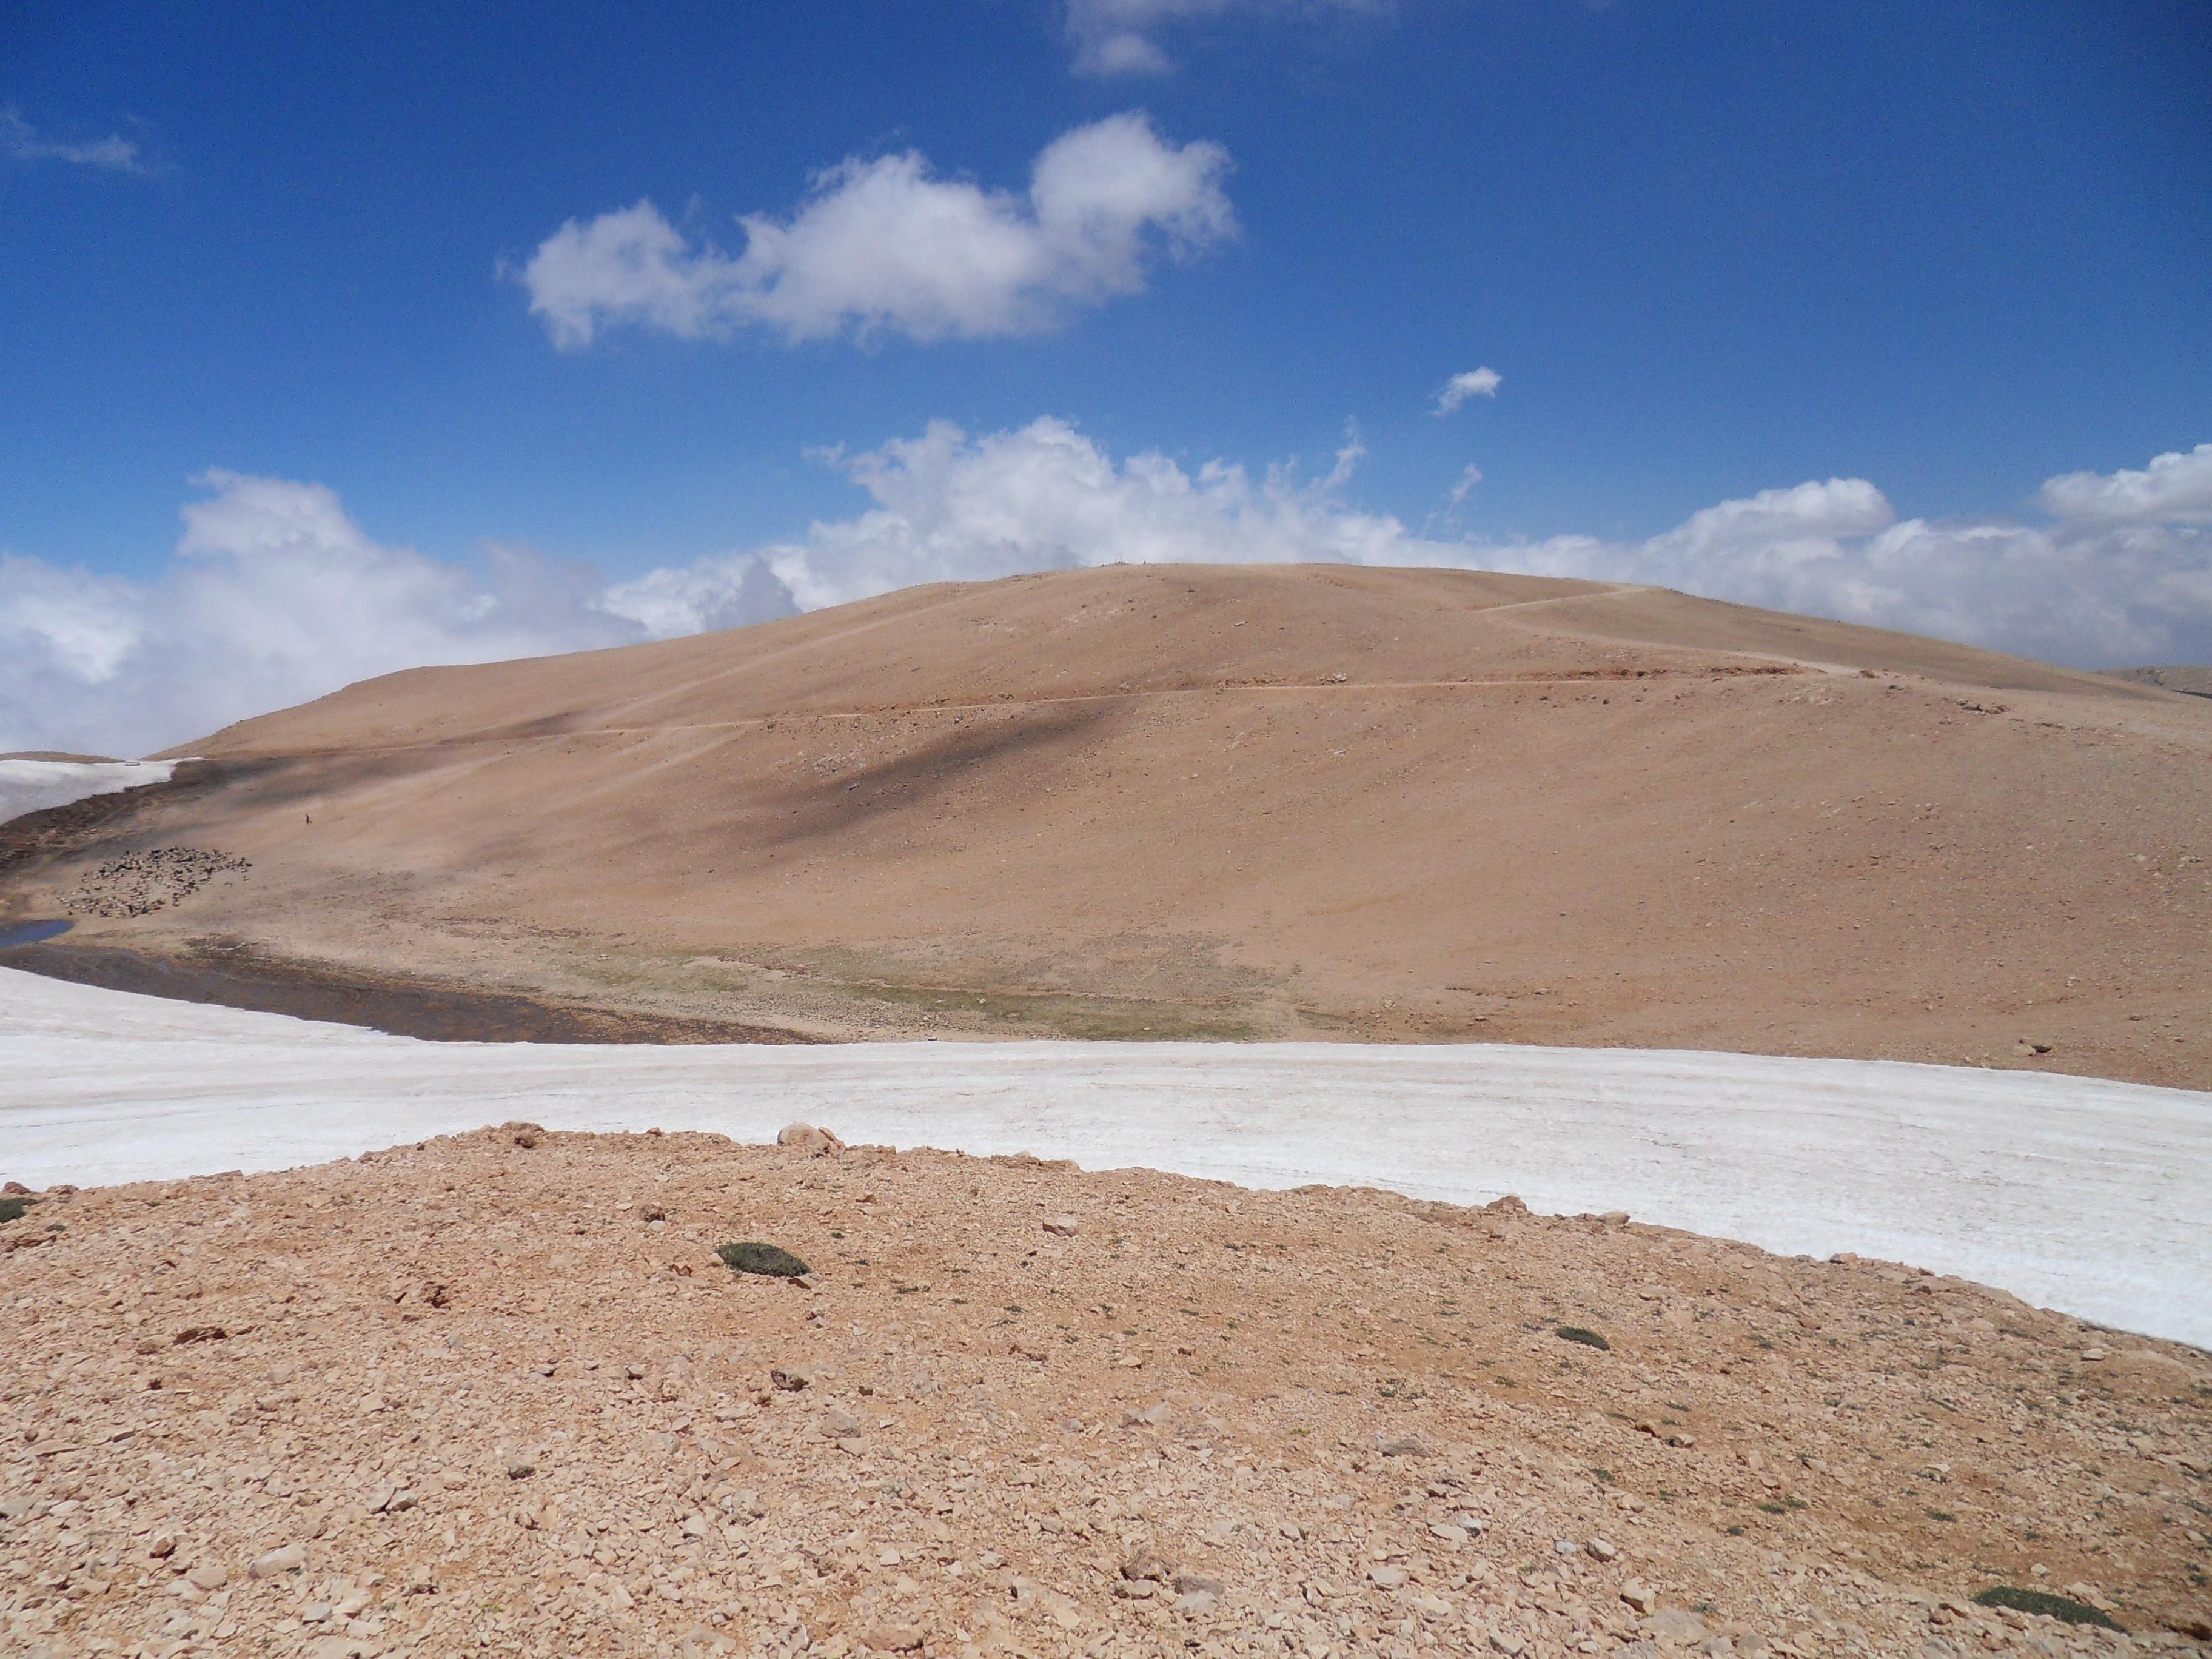 بالفيديو/ الثلوج ما زالت مكدسة في القرنة السوداء بانتظار تراكم الزائر الأبيض لهذا العام